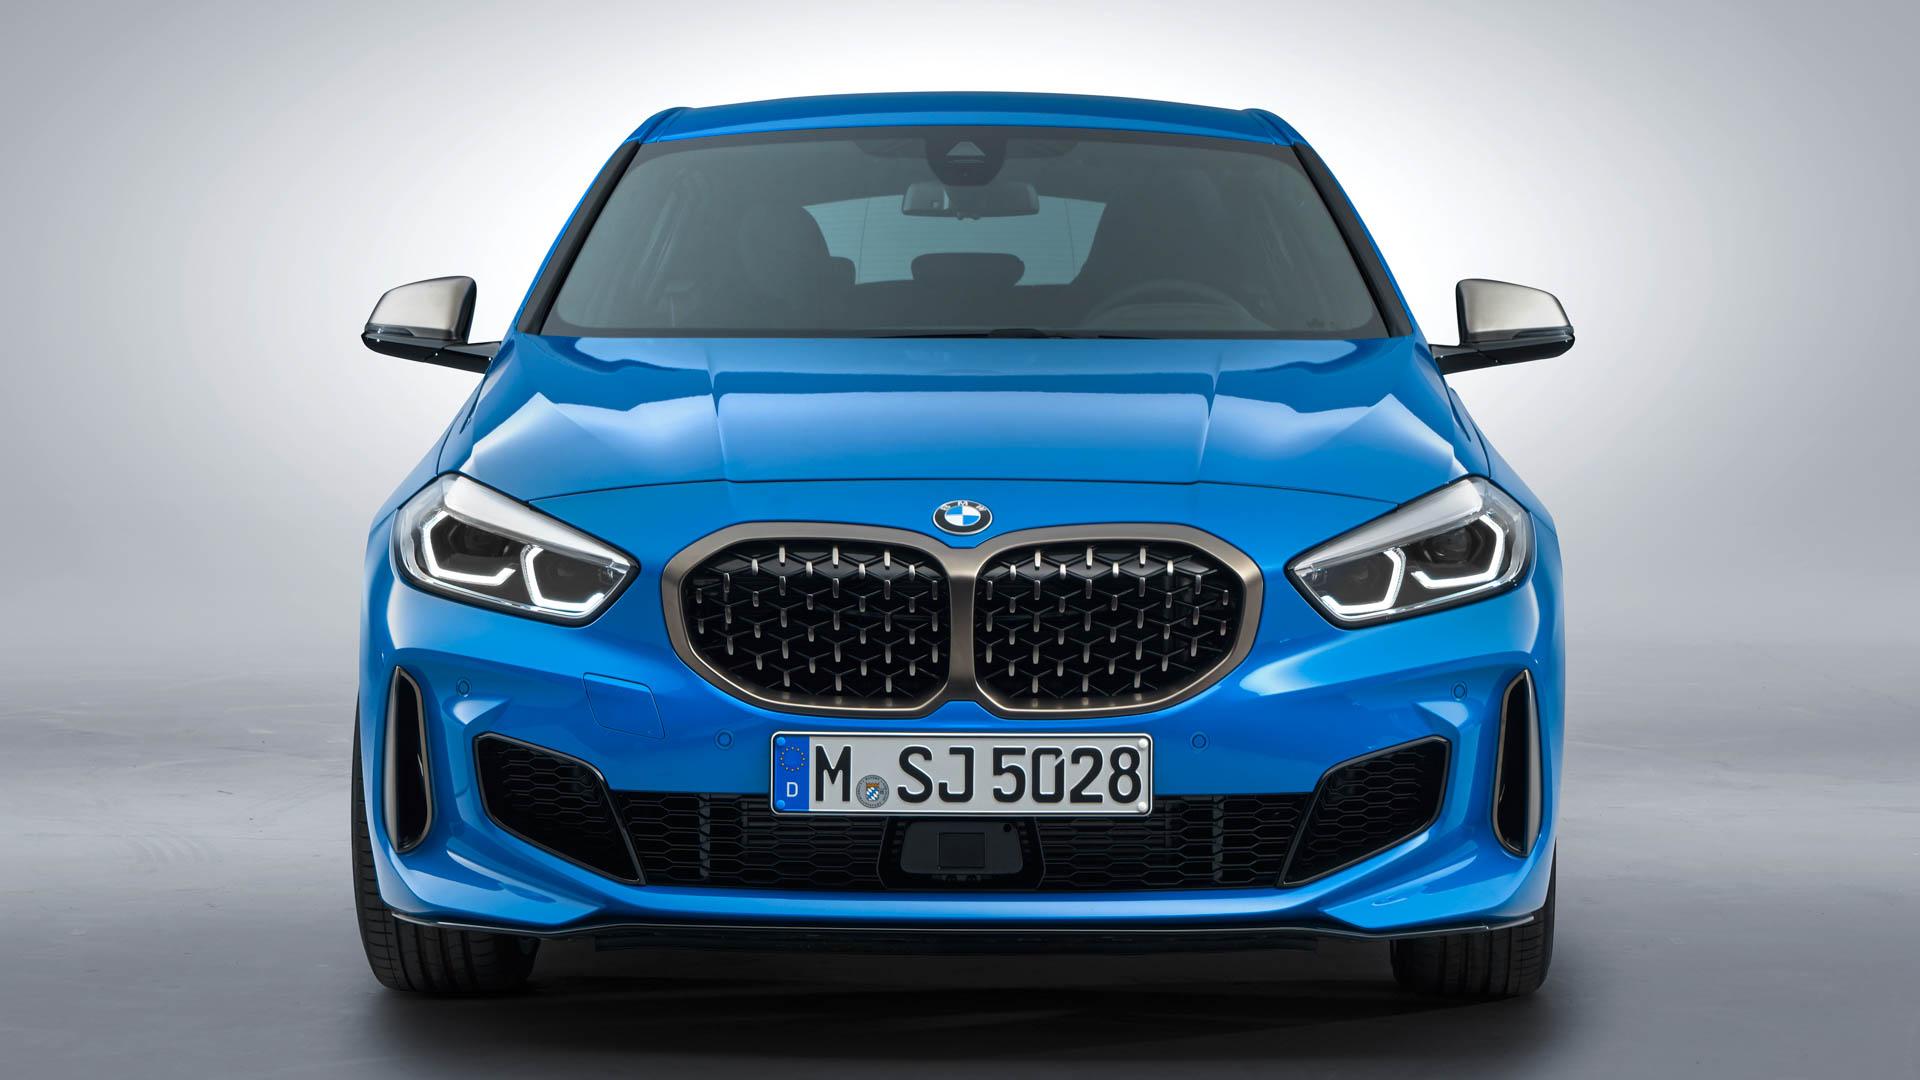 2021 Audi S3 vs BMW M135i 6